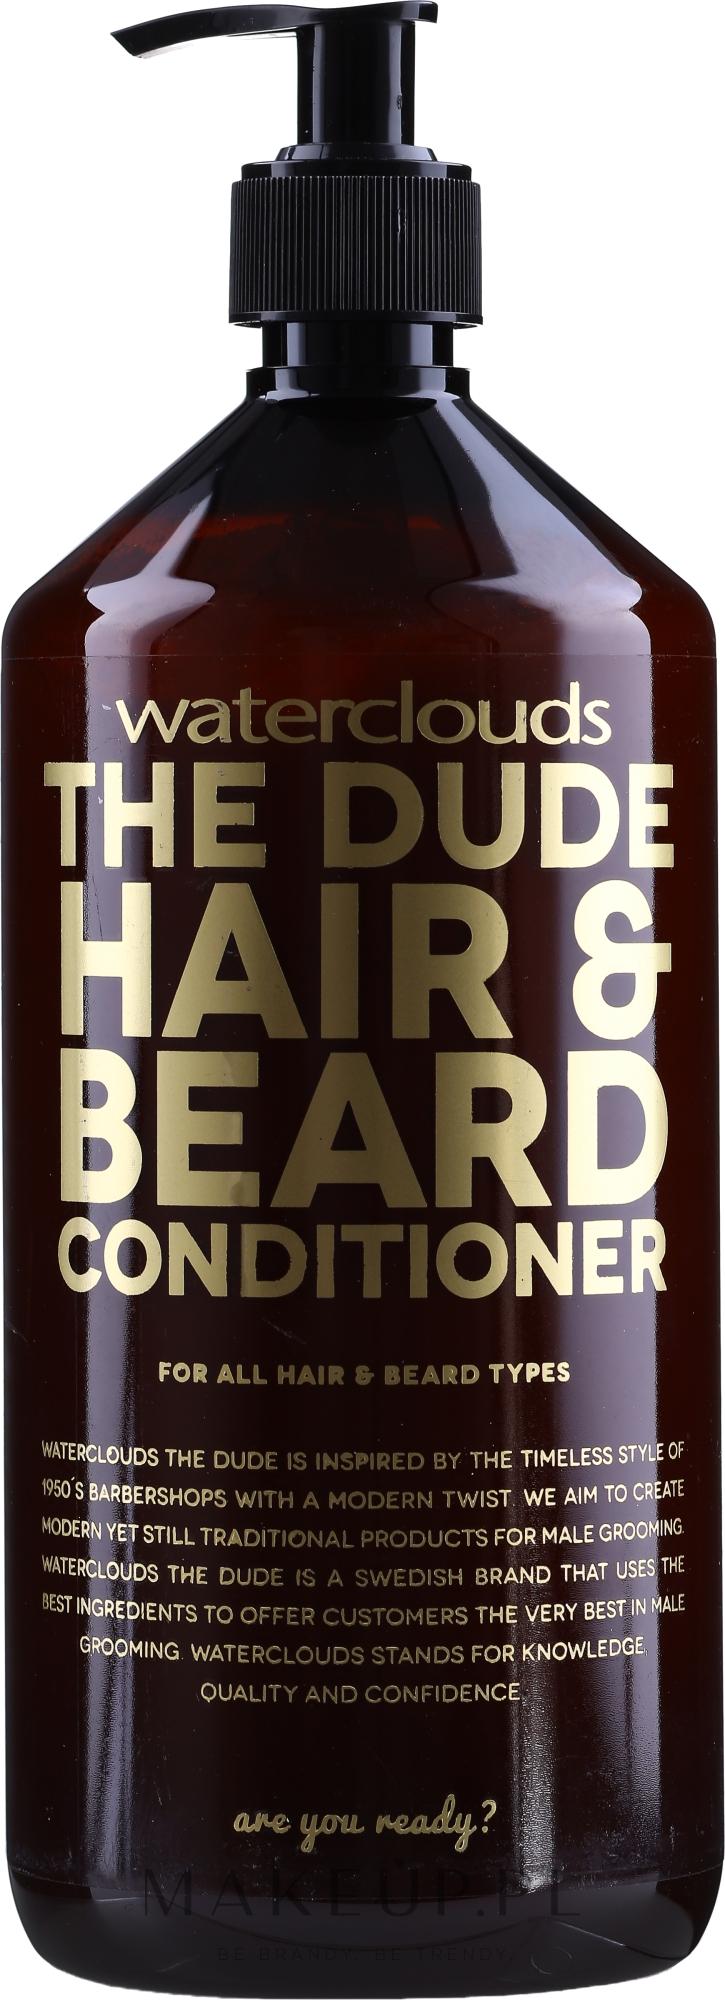 Odżywka do włosów i brody - Waterclouds The Dude Hair And Beard Conditioner — фото 1000 ml